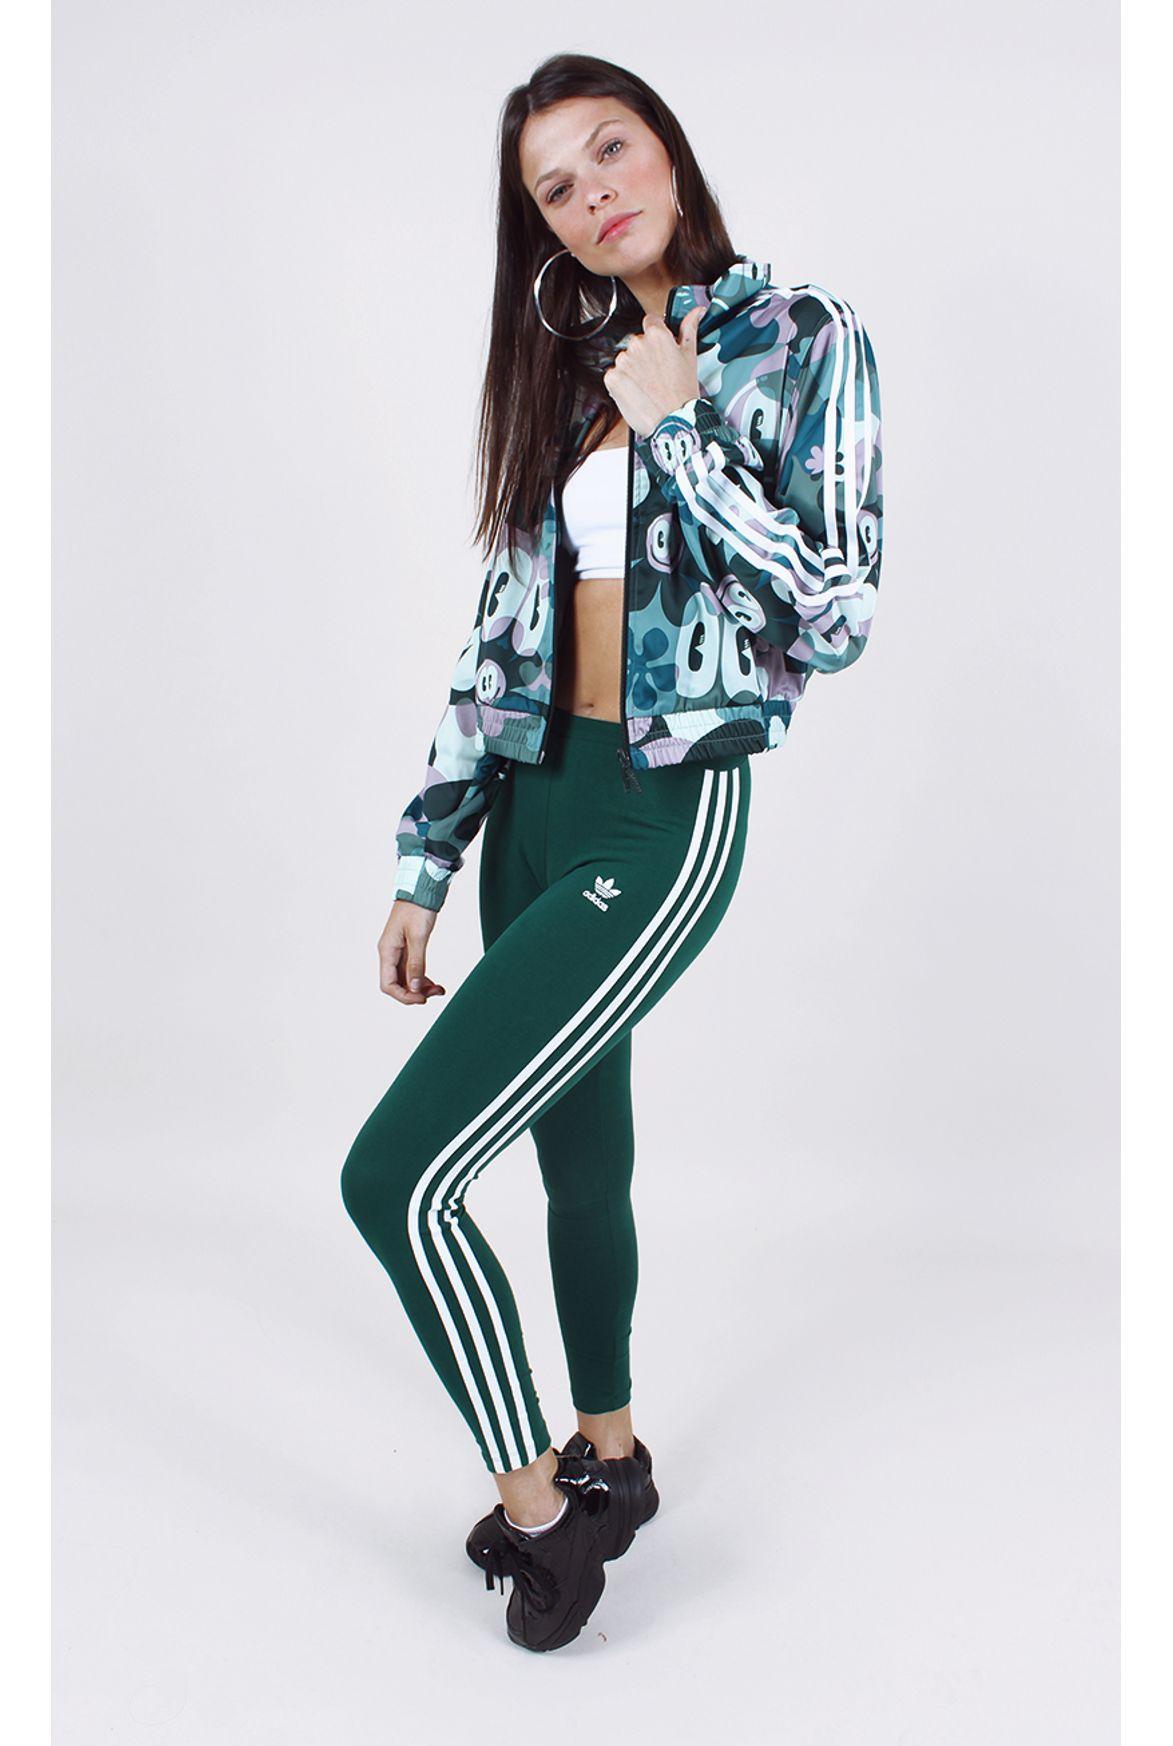 680425734de calça adidas 3 str tight verde - Fashion Closet